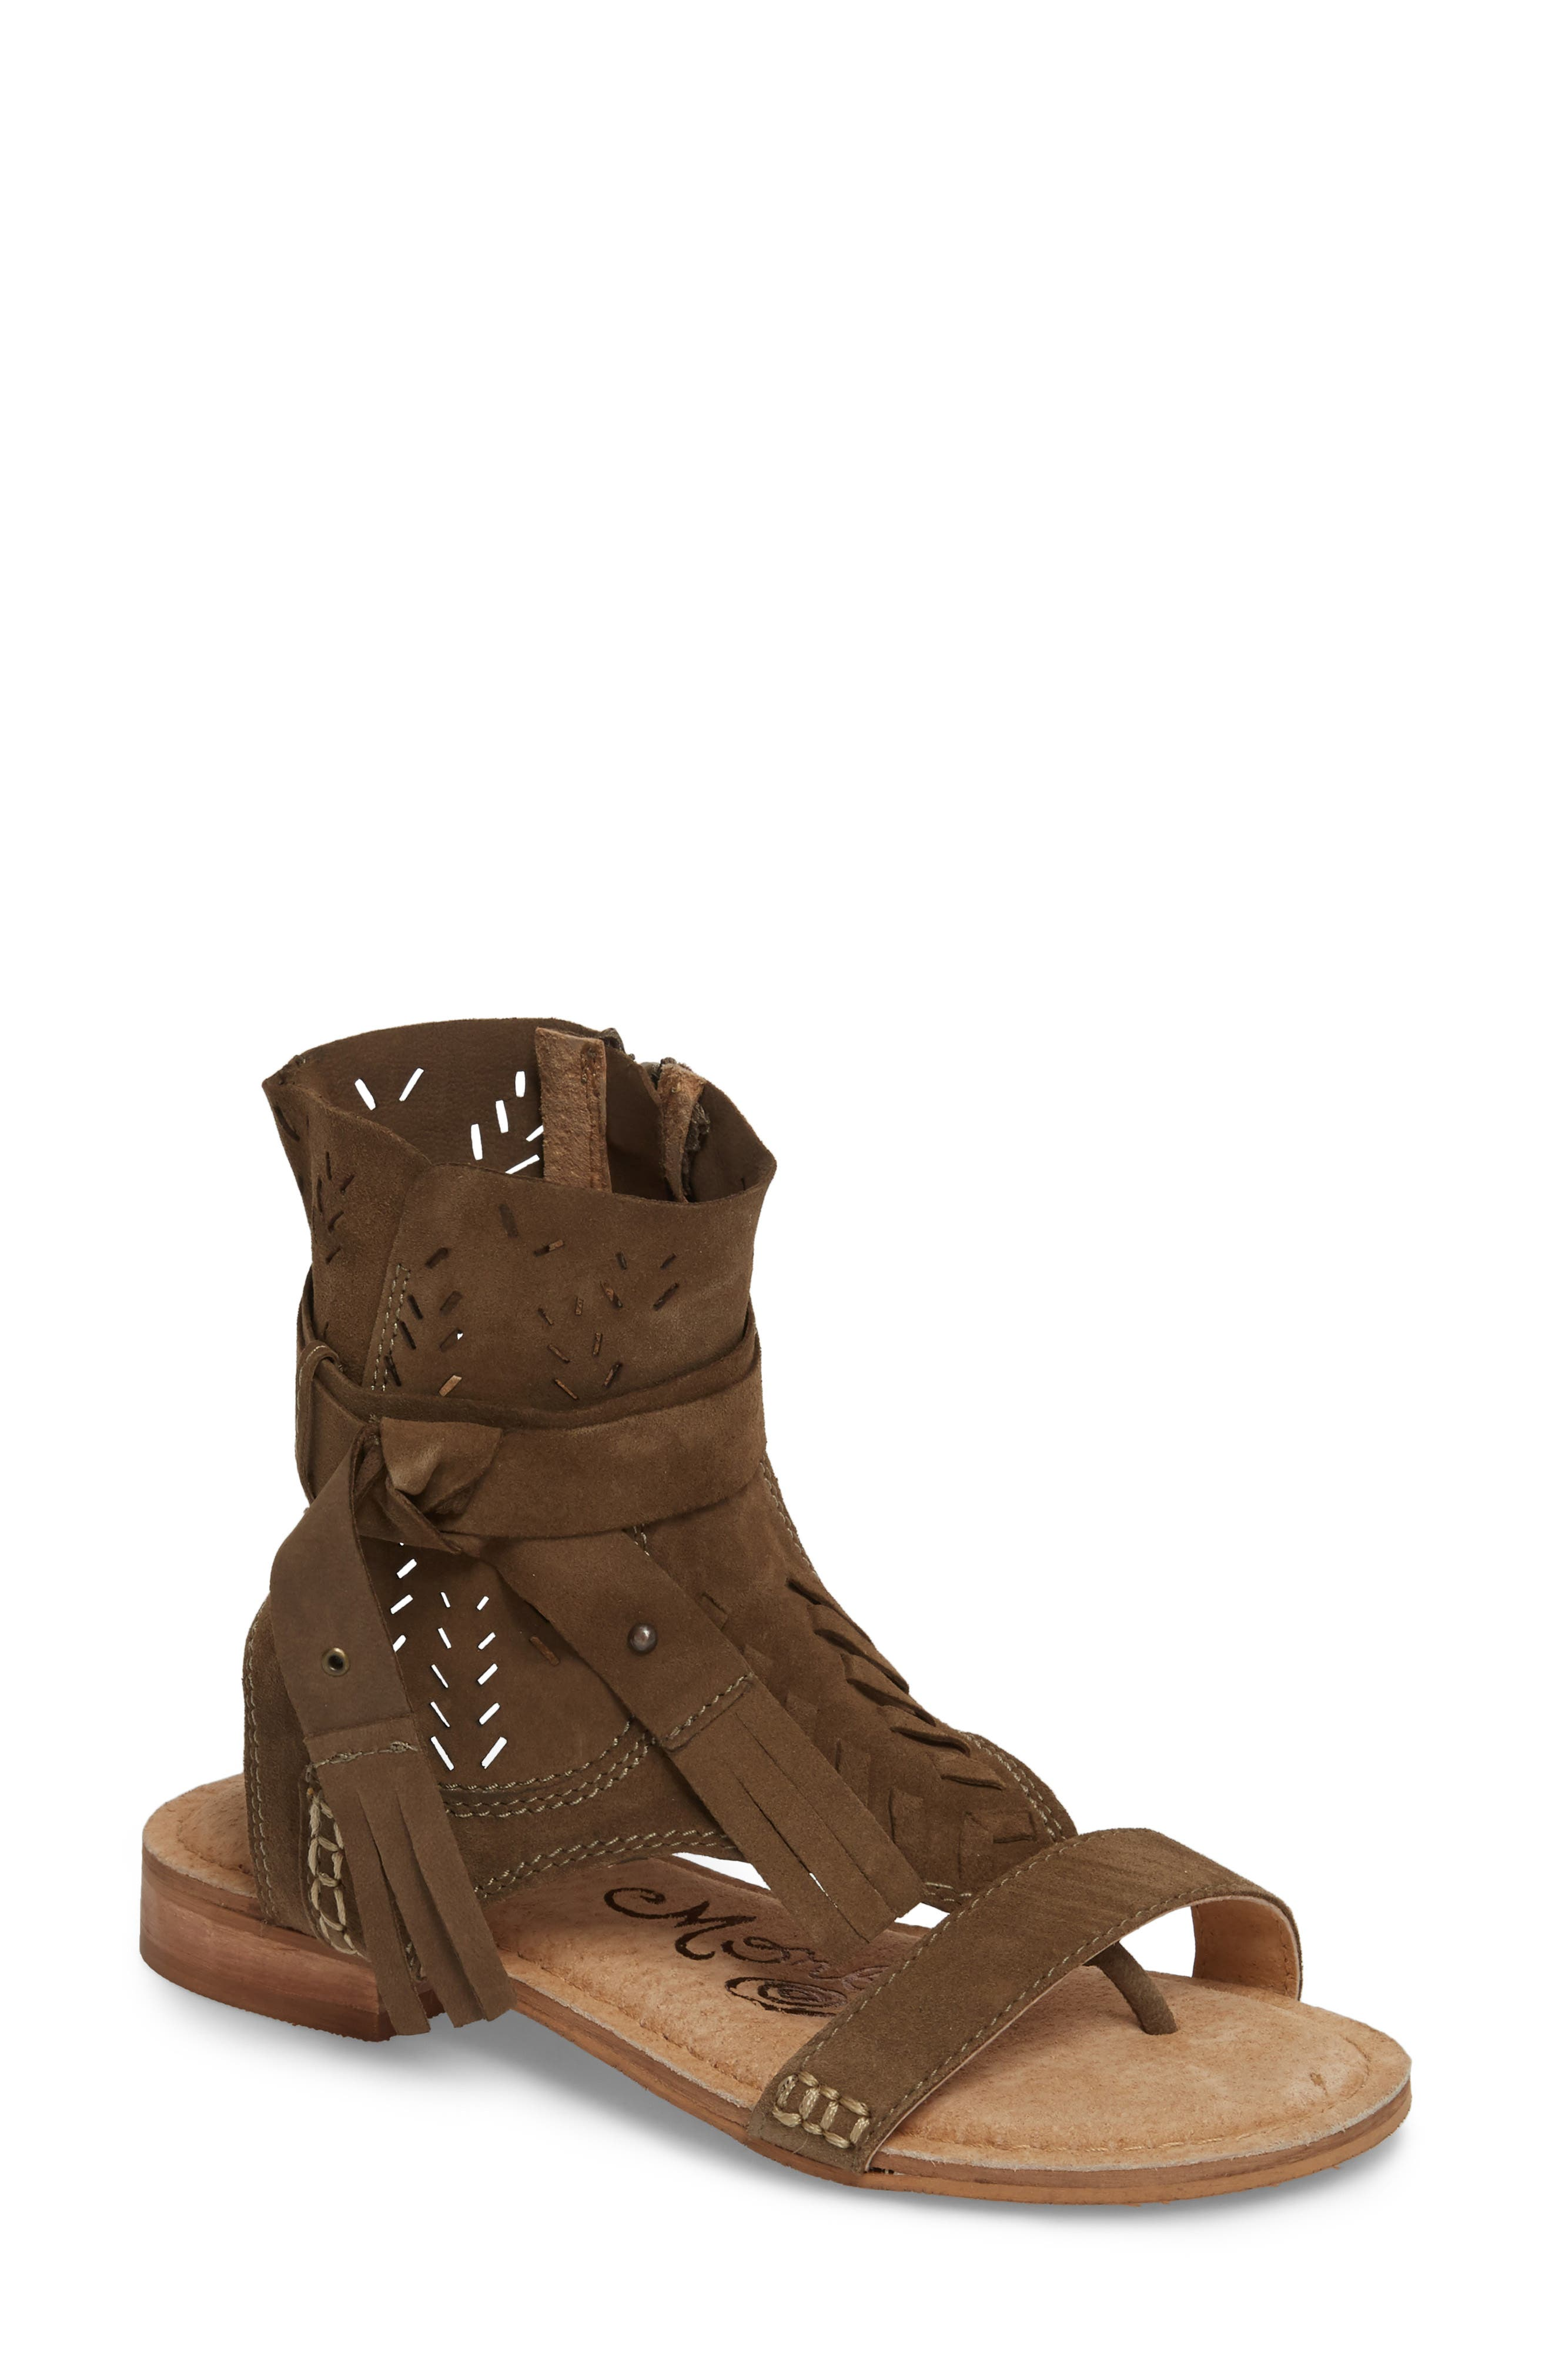 Cochise Flat Sandal,                         Main,                         color,